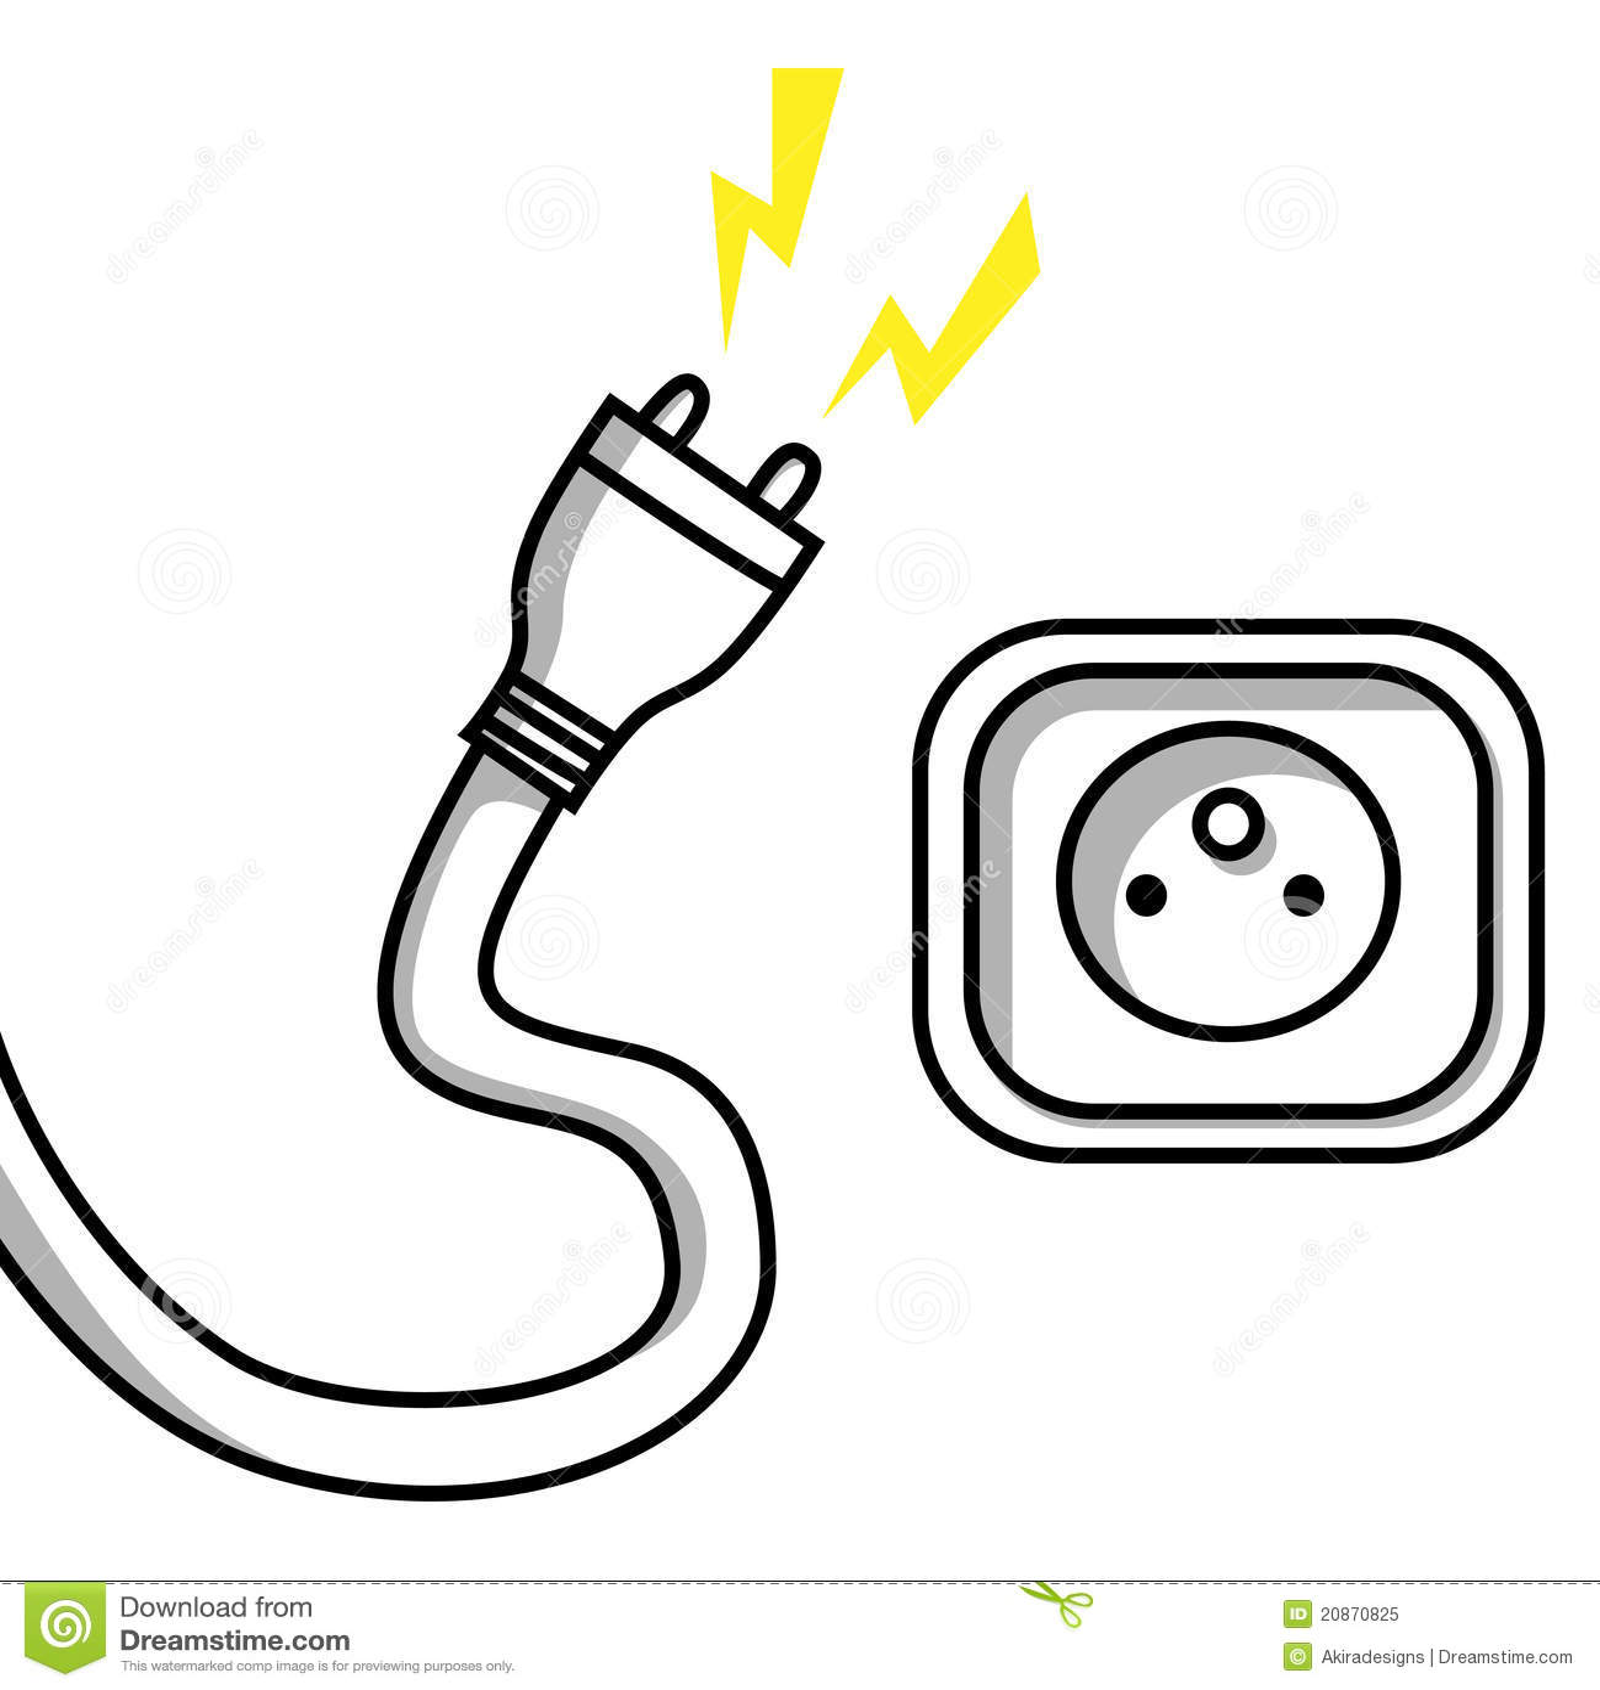 enchufe y socket ilustraci u00f3n del vector  ilustraci u00f3n de